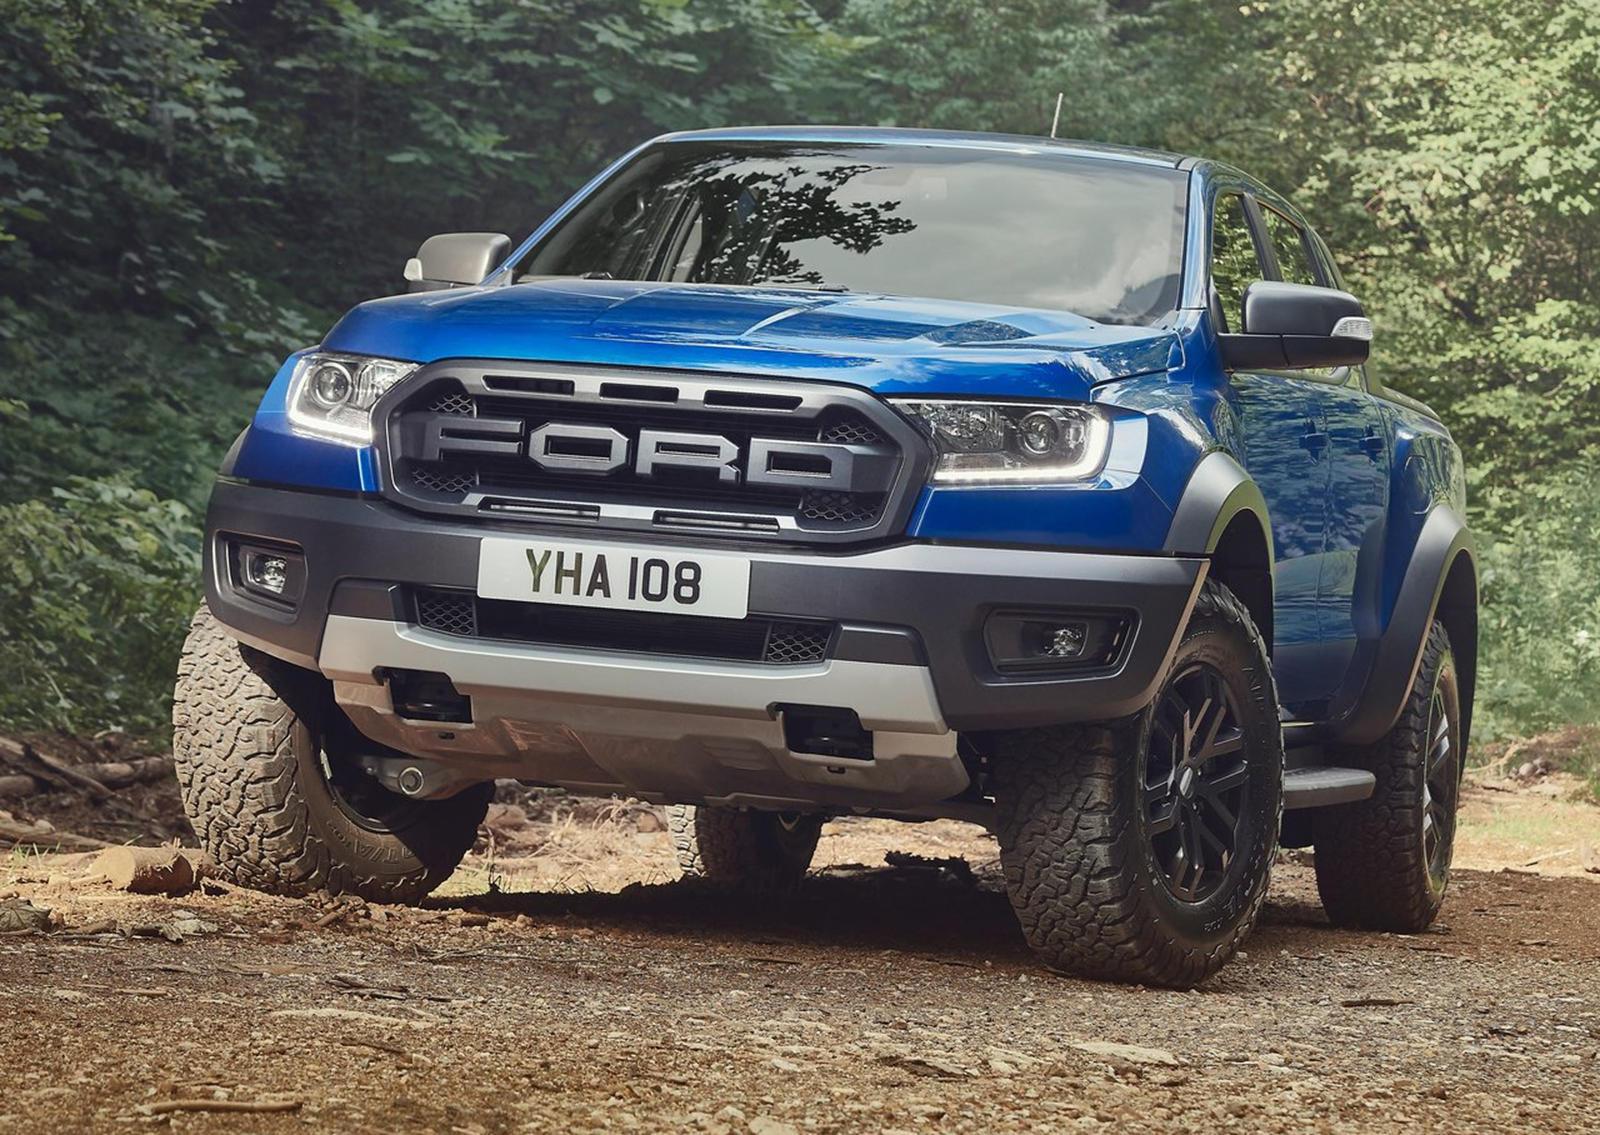 Ford Ranger Raptor phiên bản mới có thể sẽ nâng cấp động cơ mạnh hơn